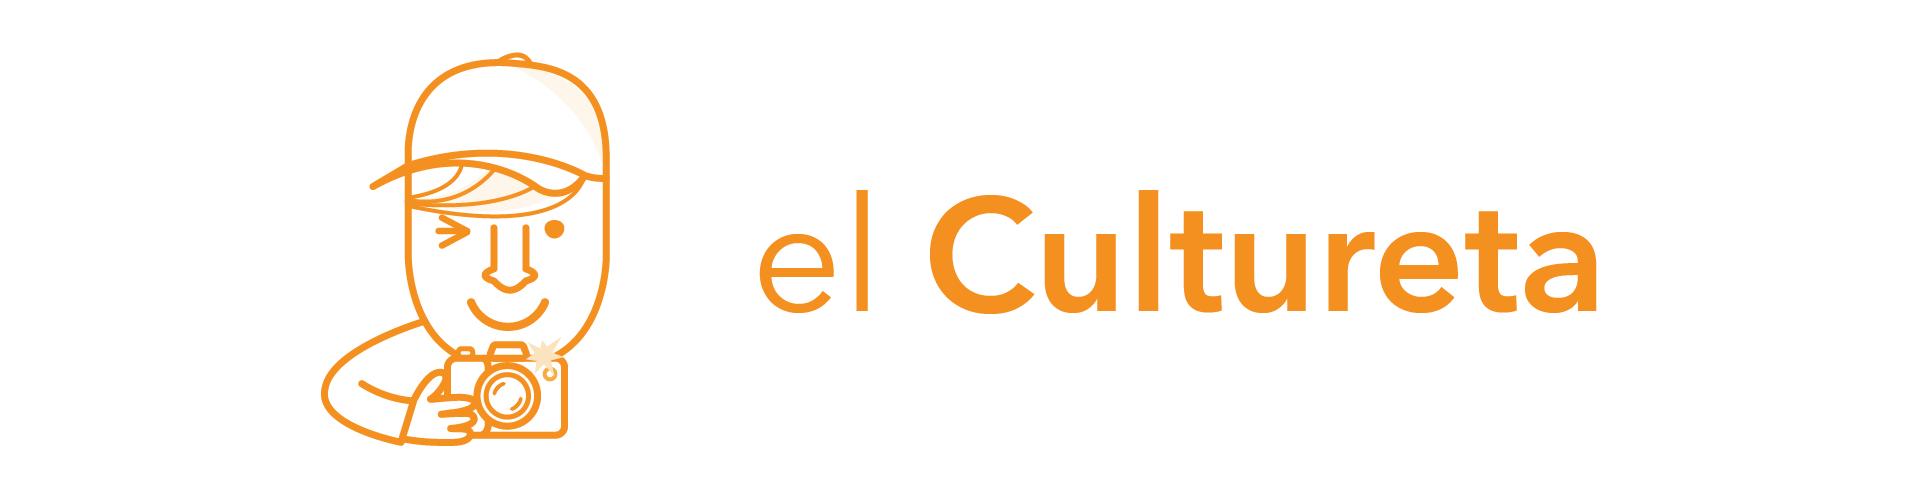 DSG_6639_Avatar-El-Cultureta-Blog-Banner (1)